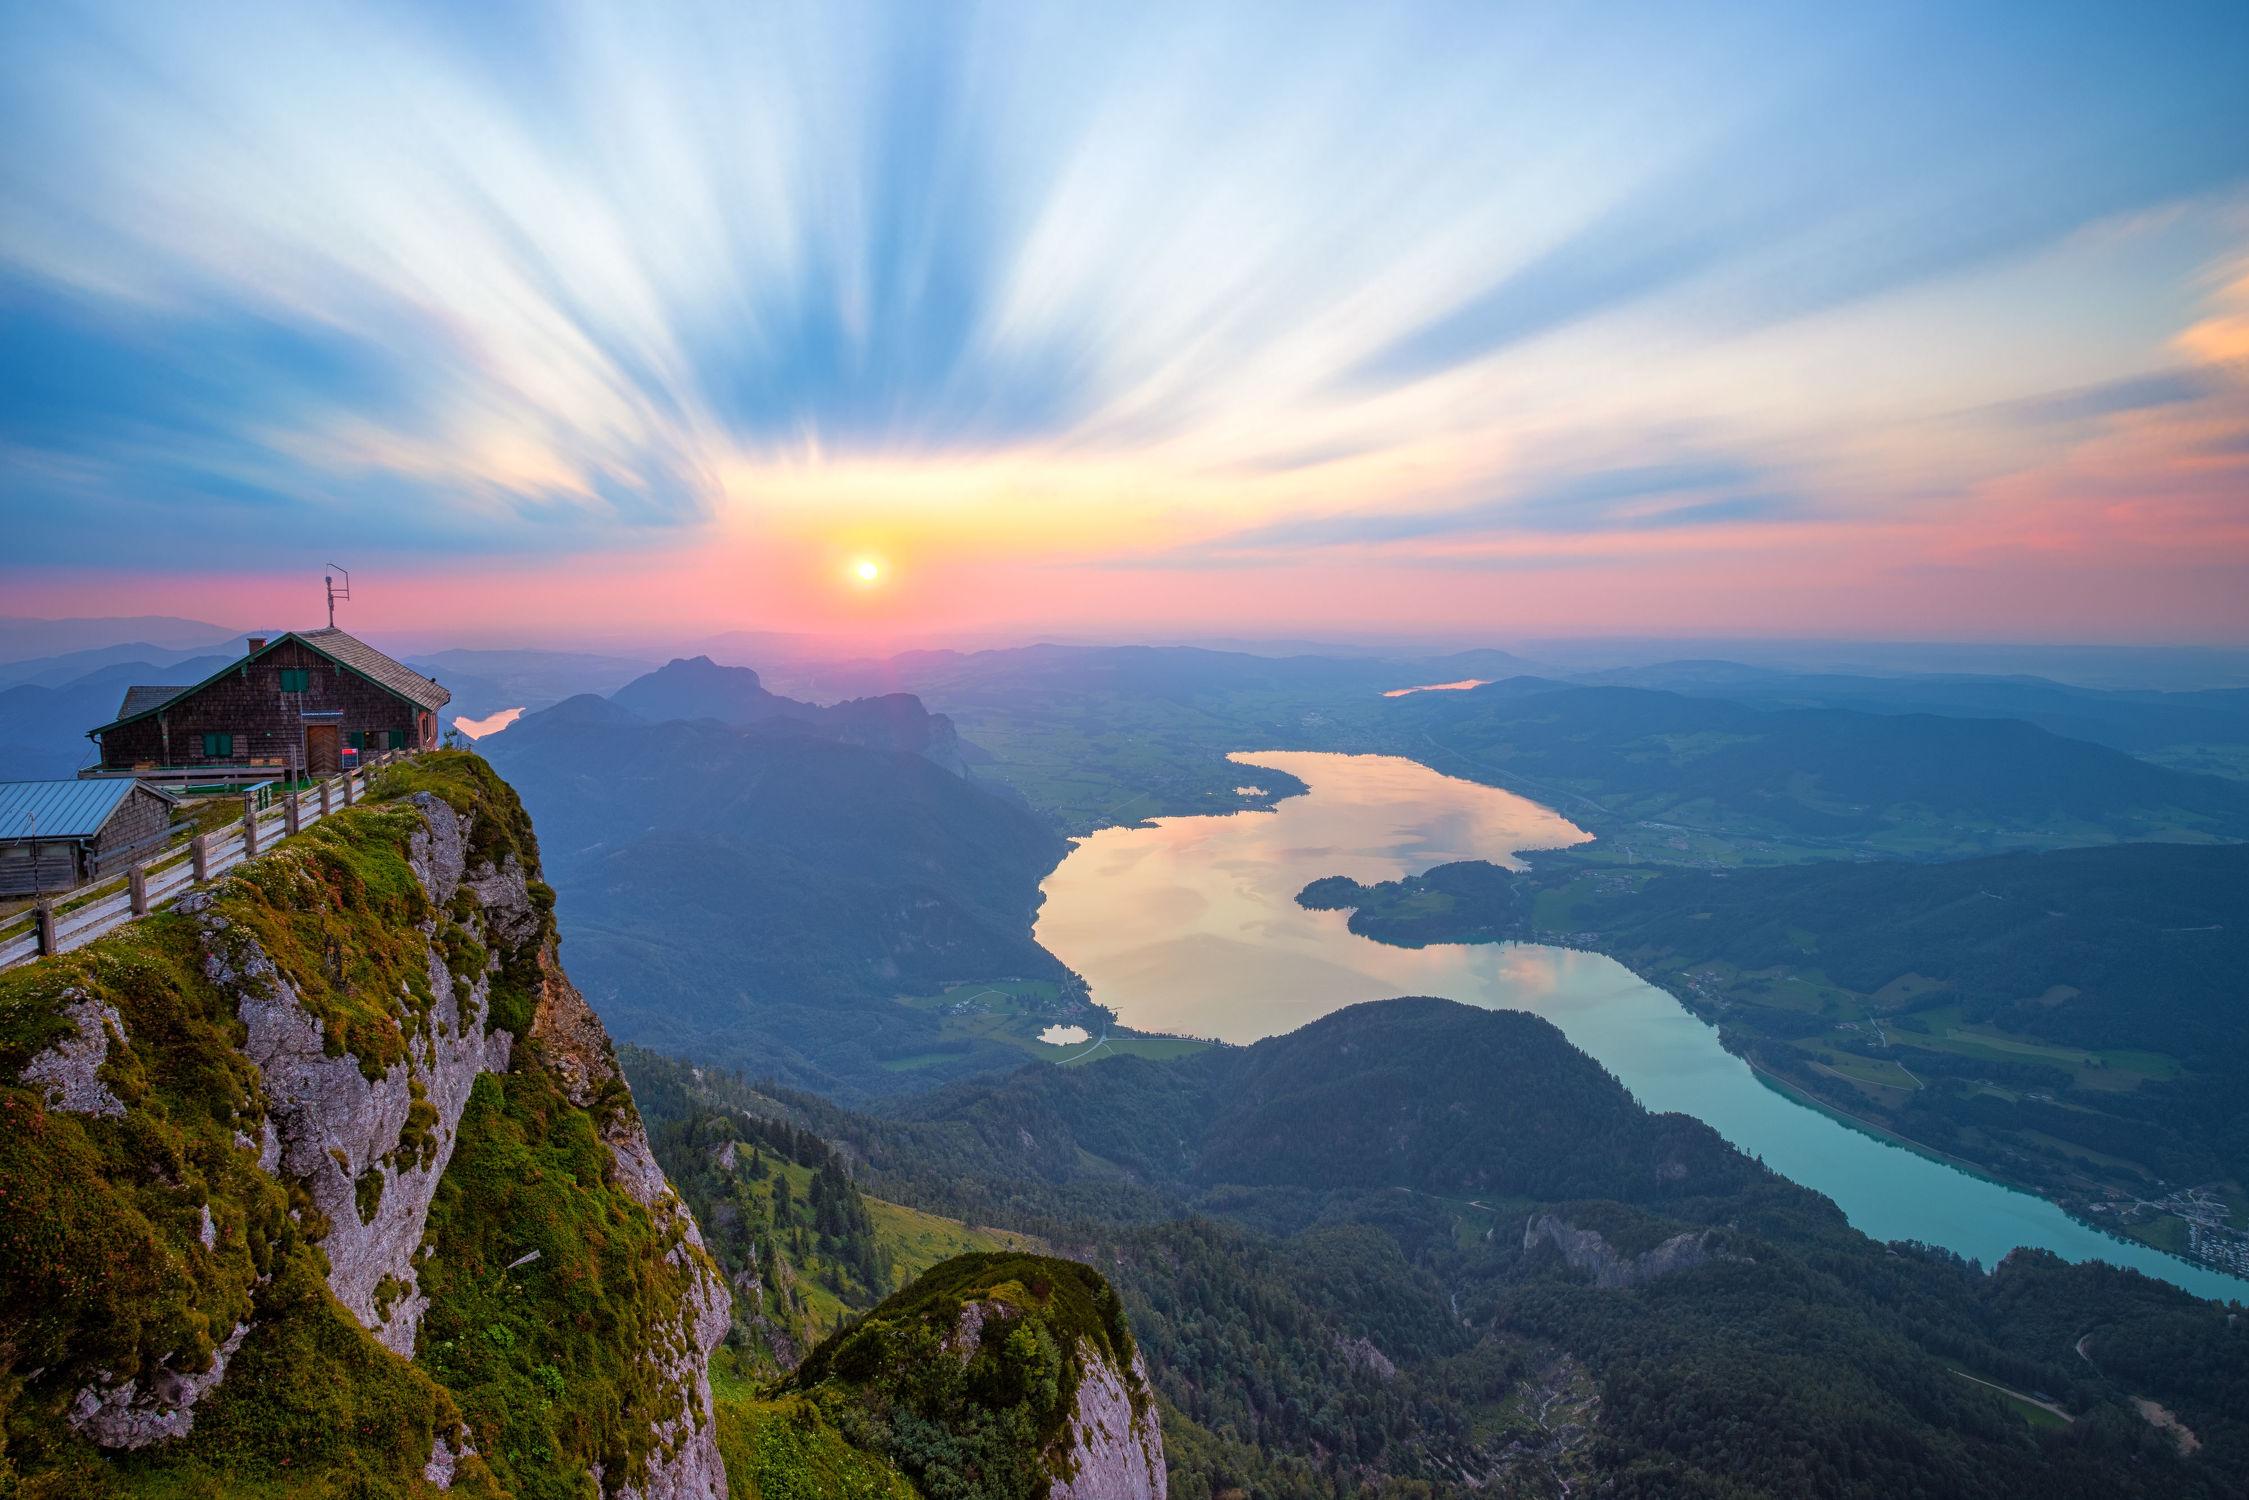 Bild mit Natur, Landschaften, Berge, Wälder, Sonnenuntergang, Sonnenaufgang, Sonne, Landschaft, Felder, Fluss